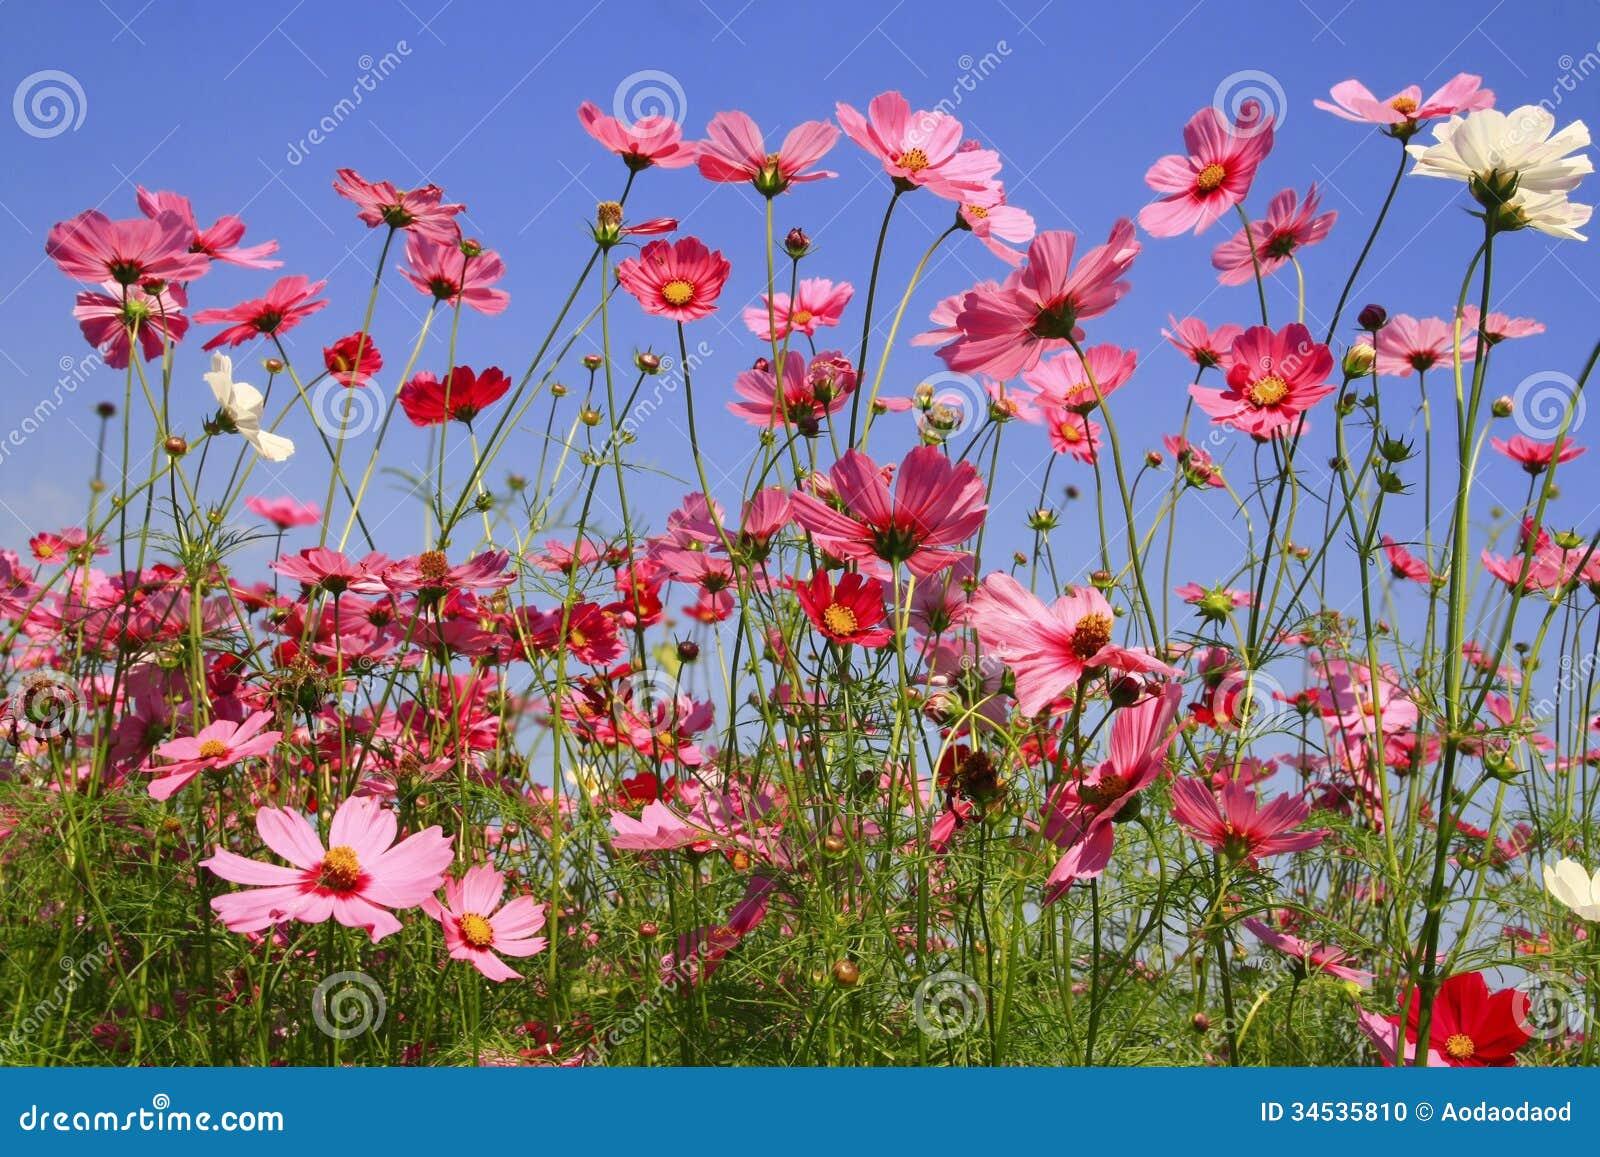 Fleur rose de cosmos dans le jardin photo stock image for Guide des fleurs du jardin